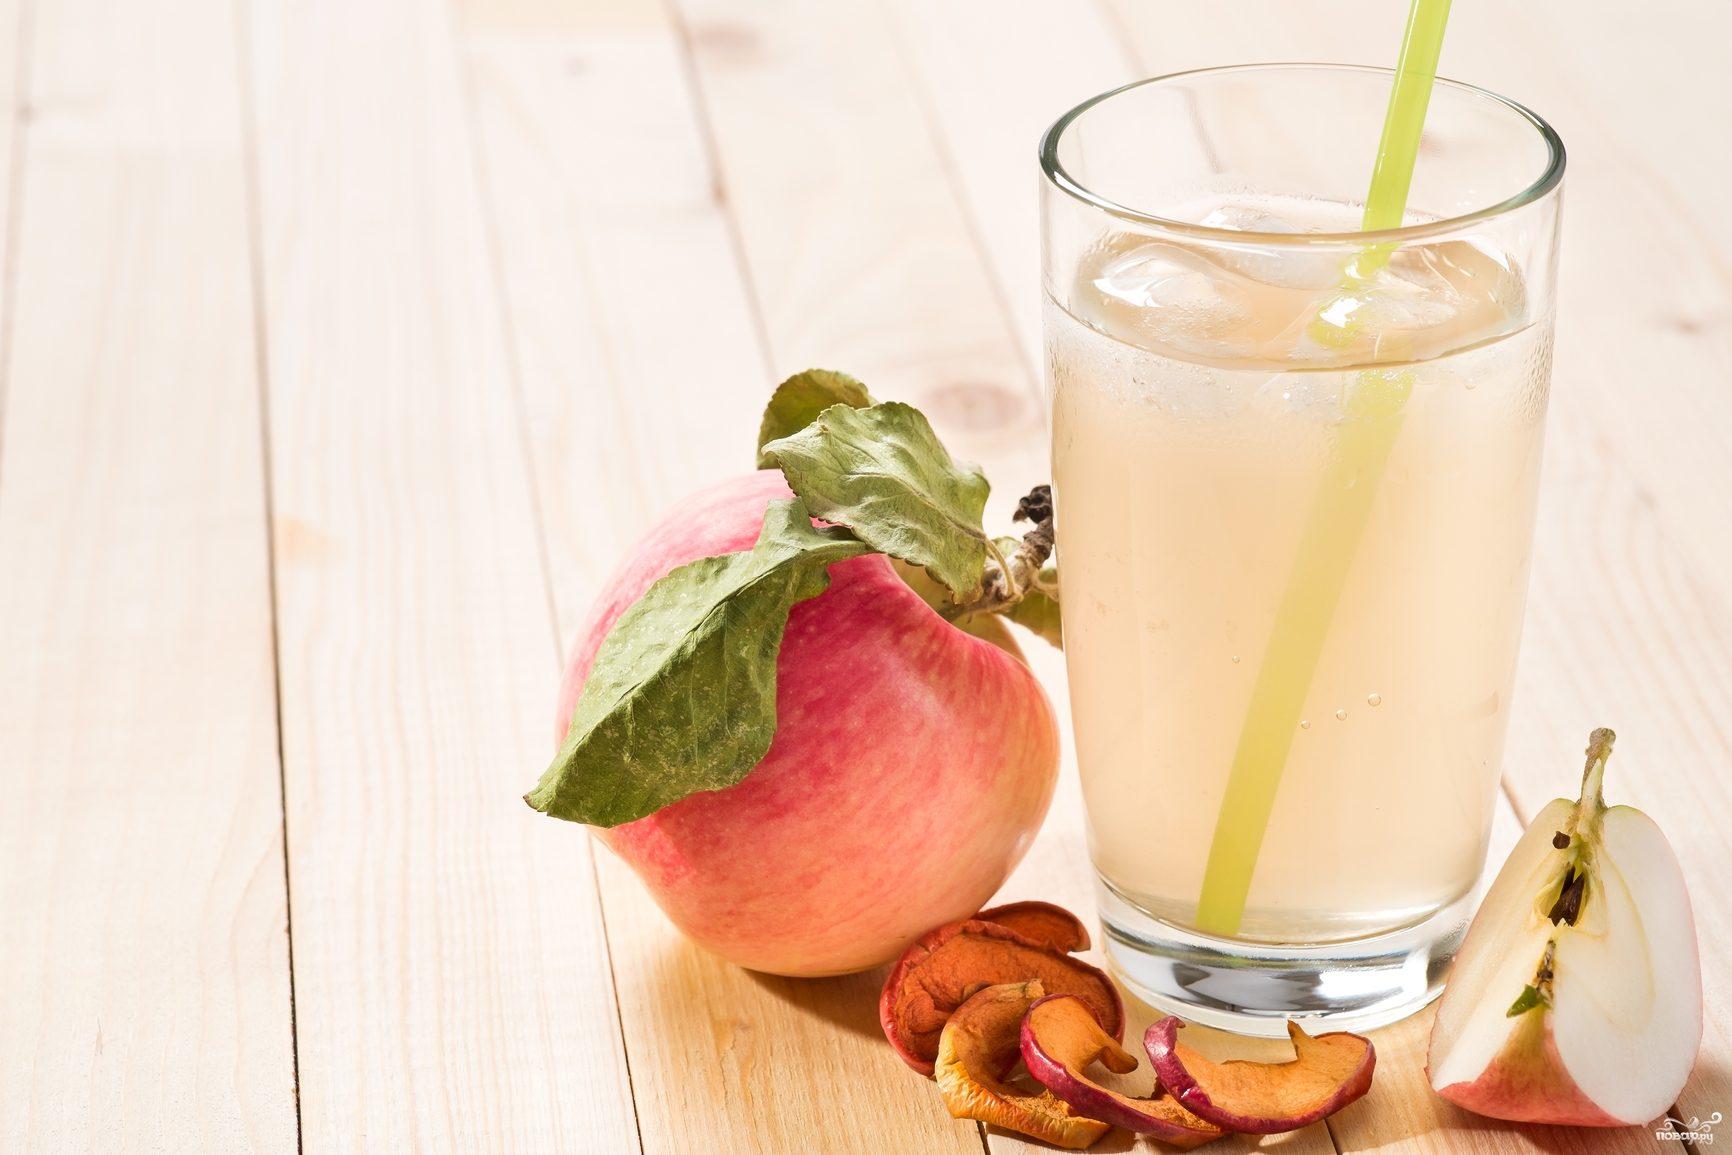 сидр из яблочного сока простой рецепт - Вы сами все поймете.